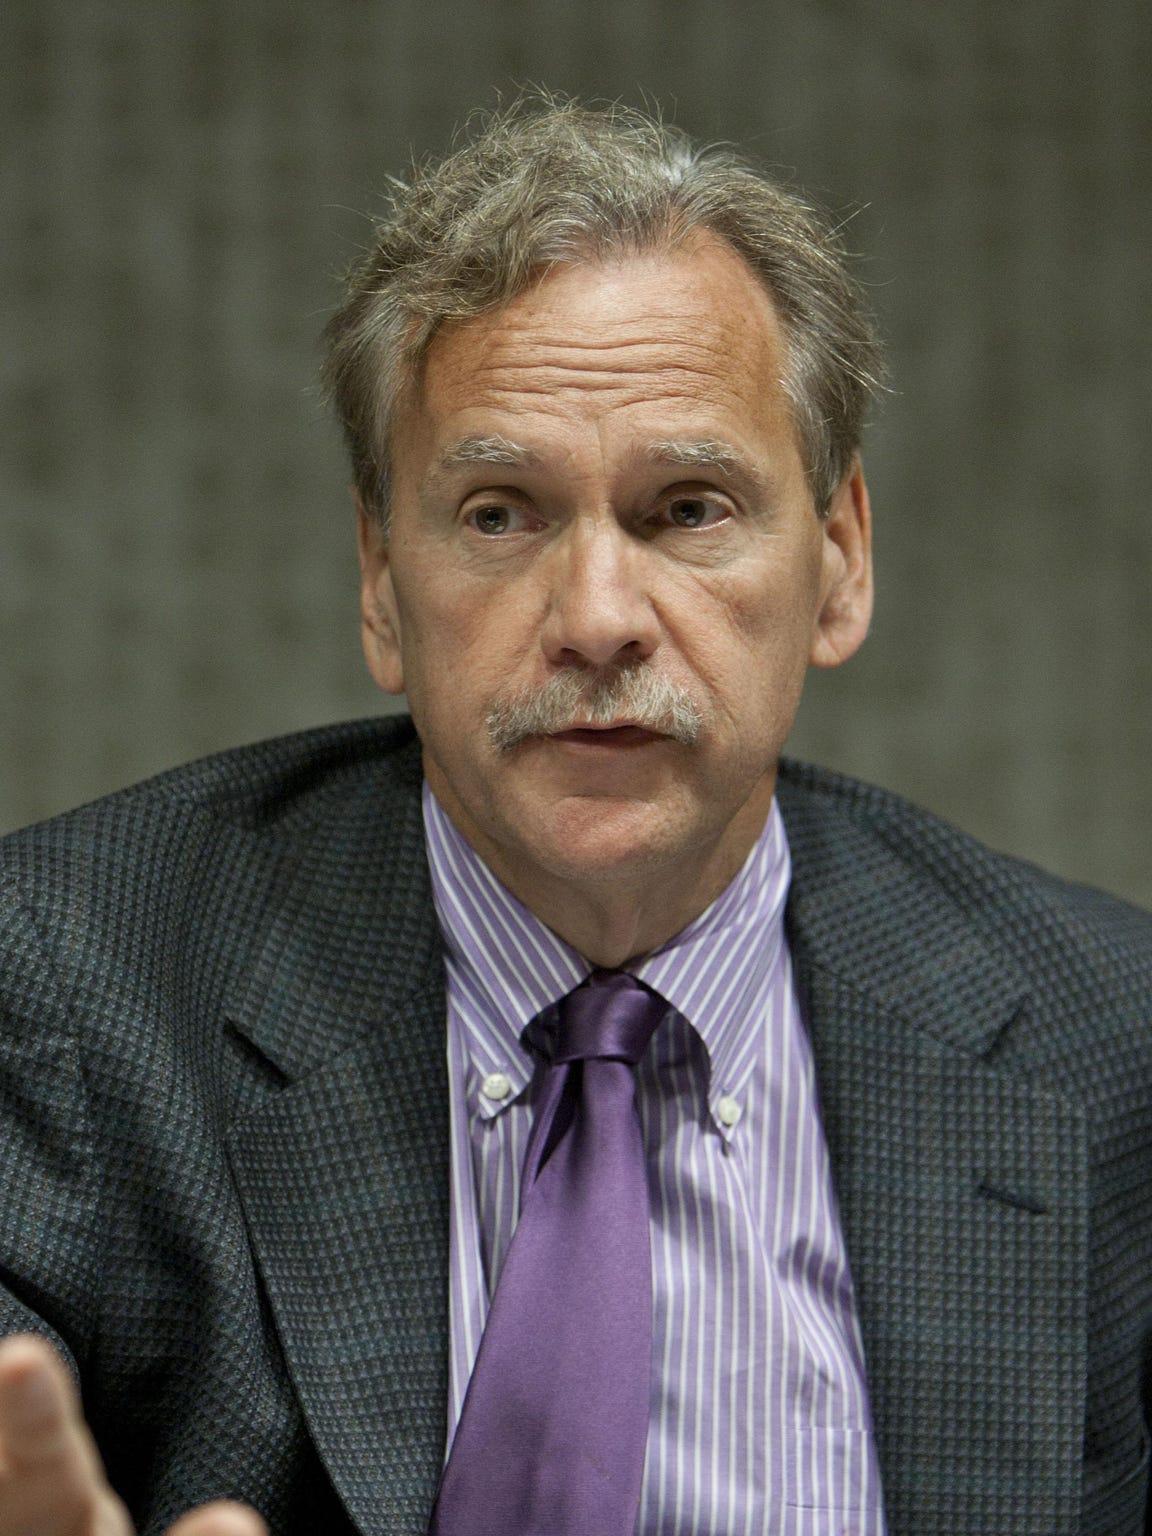 Jeff Tittel, director of the New Jersey Sierra Club,.